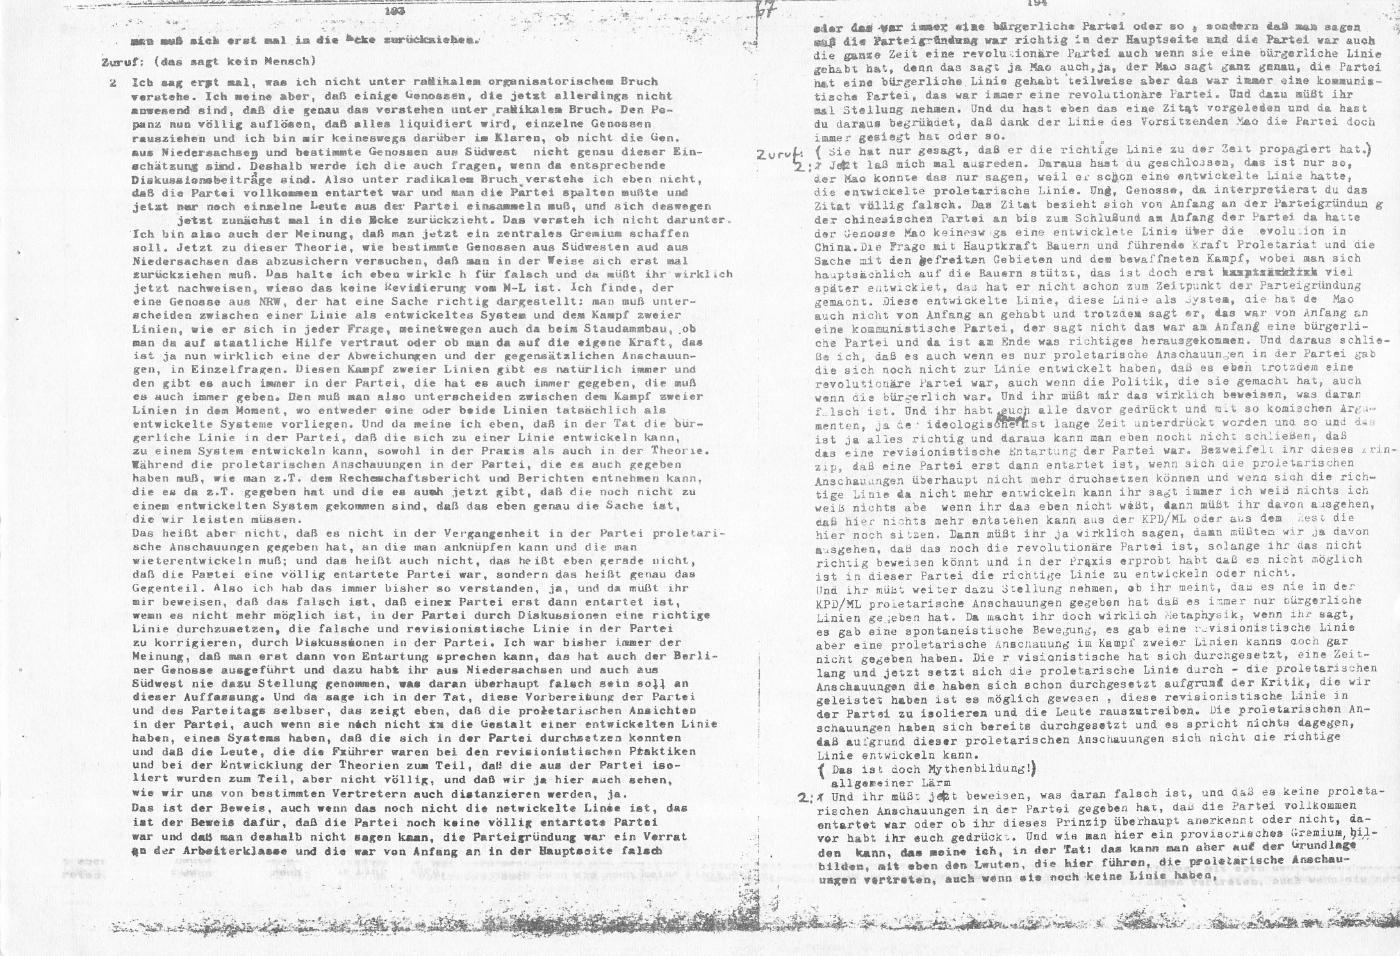 KPDML_1971_Wortprotokolle_aoPt_091